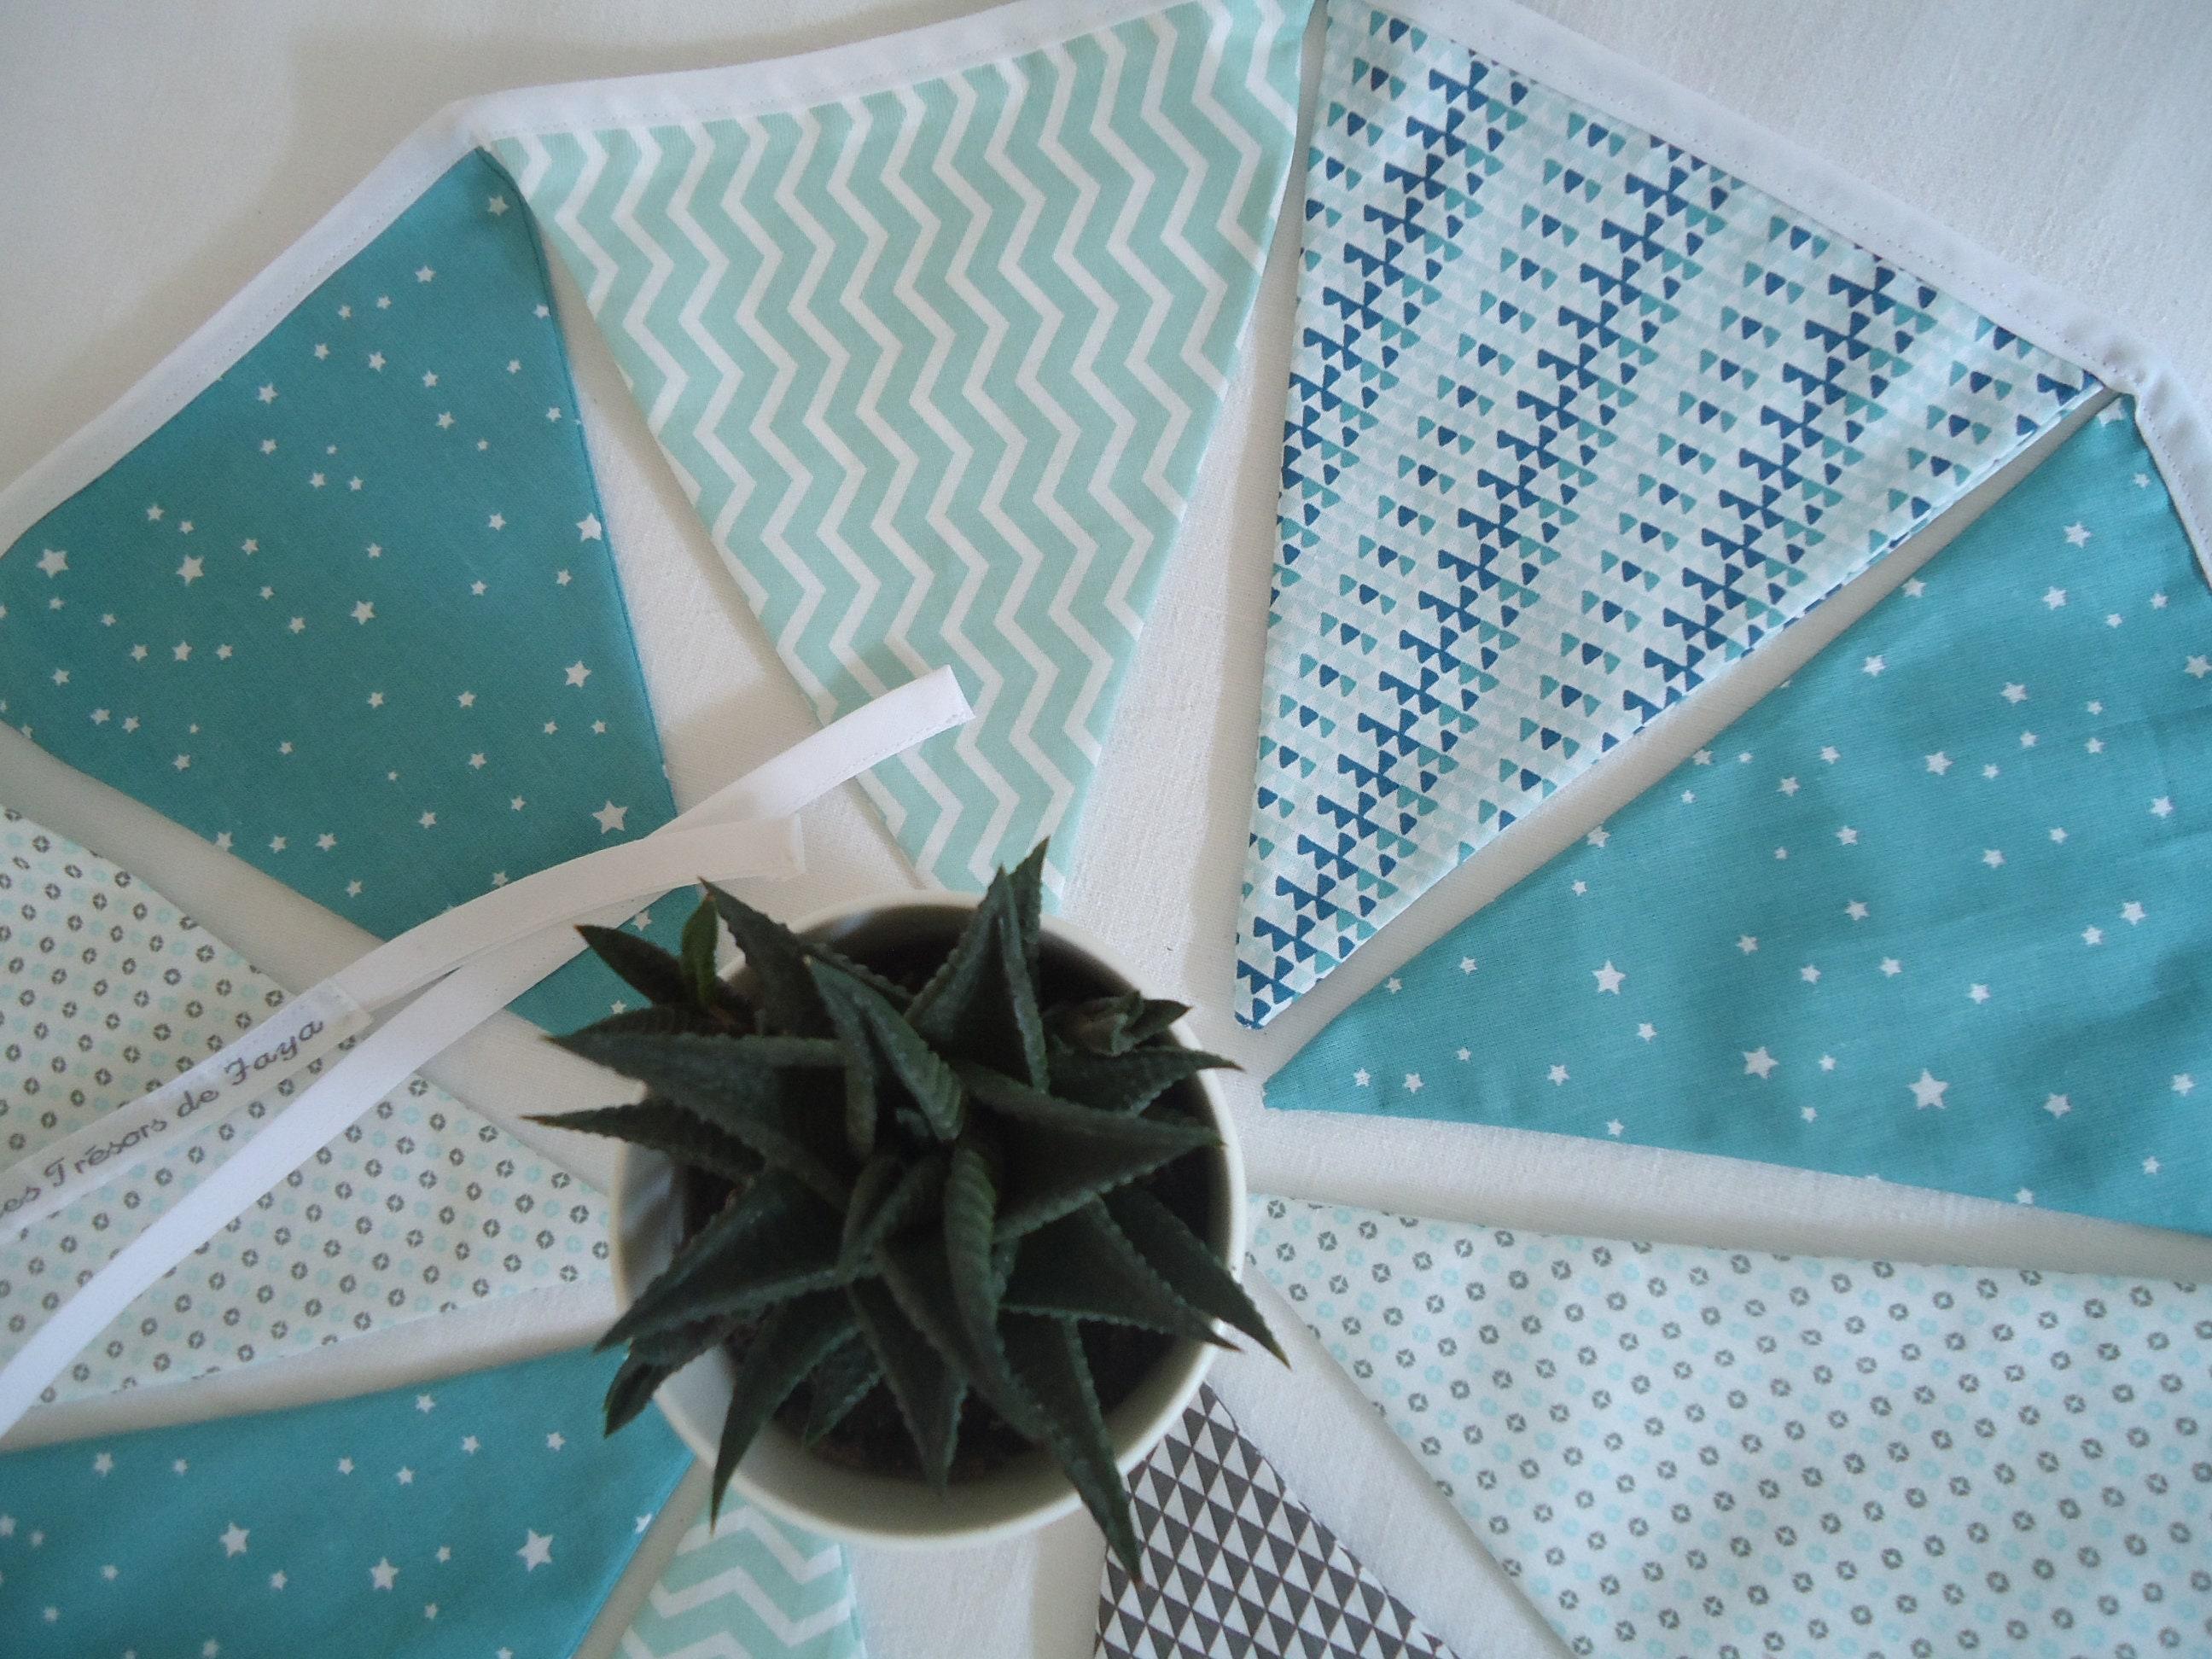 Fanion Chambre Bébé Garcon guirlande fanions bébé garçon, banderole enfant bleu canard, vert d'eau,  mint et gris, décoration chambre enfant, cadeau naissance